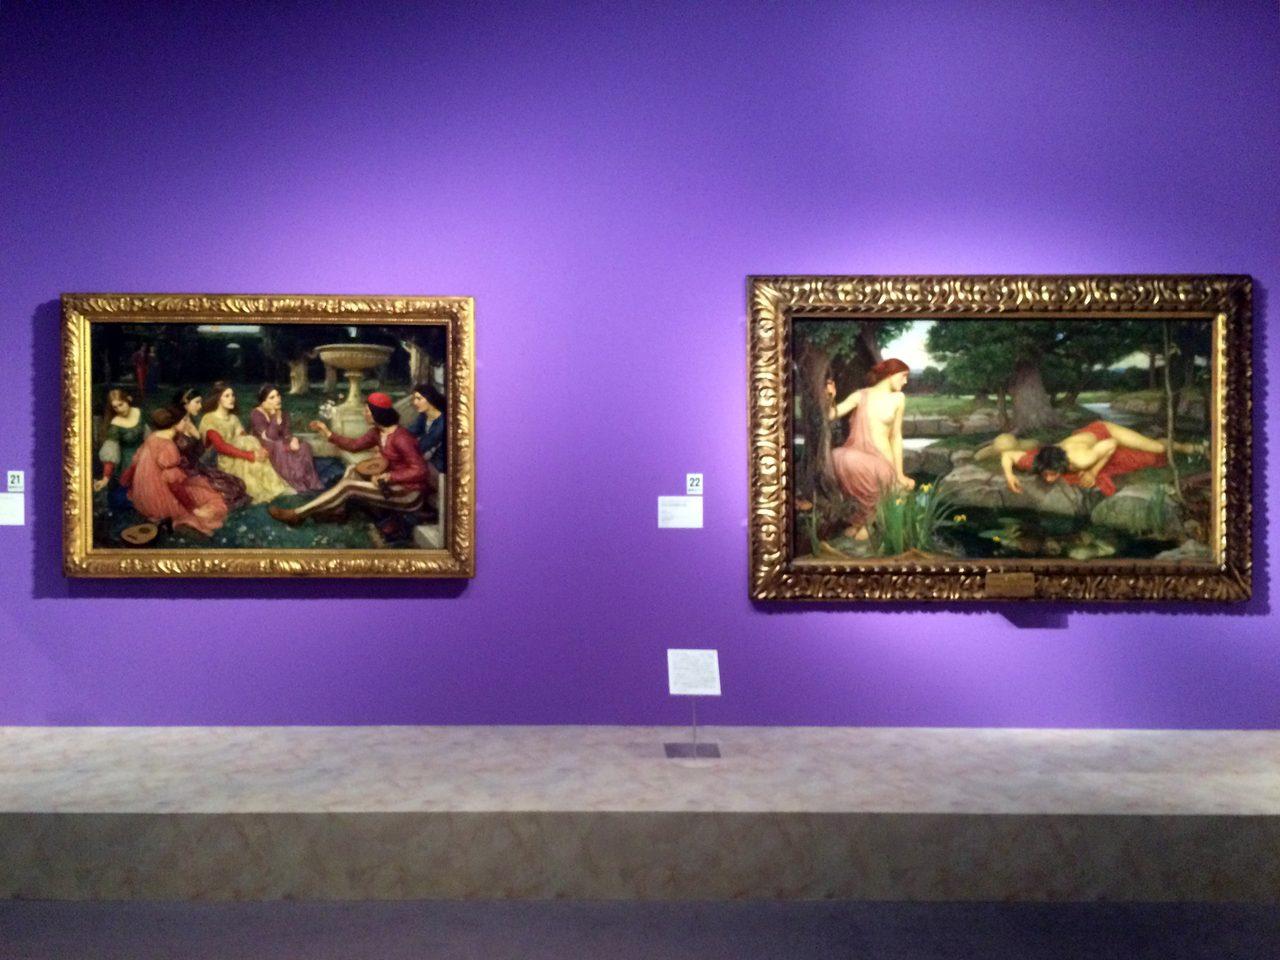 画像: 左:ジョン・ウィリアム・ウォーターハウス 《デカメロン》 1916年 油彩・カンヴァス © Courtesy National Museums Liverpool, Lady Lever Art Gallery 右:ジョン・ウィリアム・ウォーターハウス 《エコーとナルキッソス》 1903年 油彩・カンヴァス © Courtesy National Museums Liverpool, Walker Art Gallery